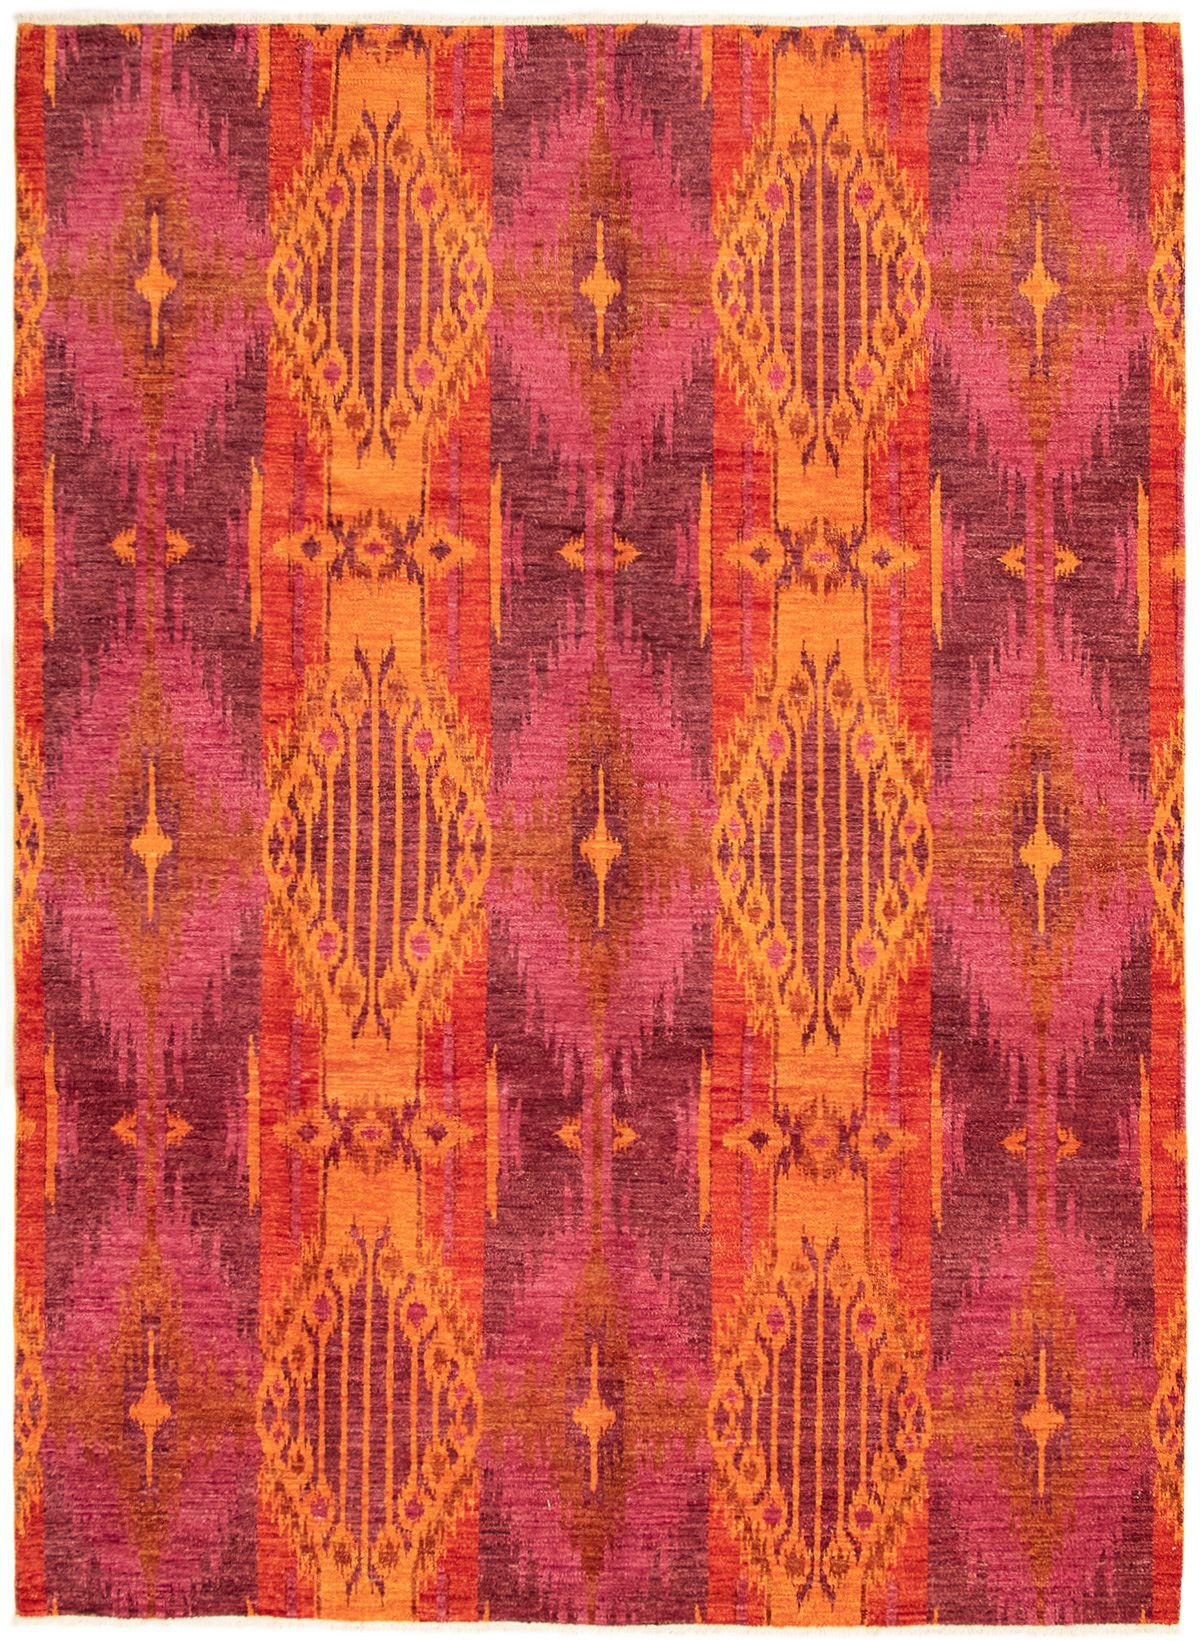 """Hand-knotted Shalimar Dark Pink, Orange Wool Rug 9'0"""" x 12'1"""" Size: 9'0"""" x 12'1"""""""